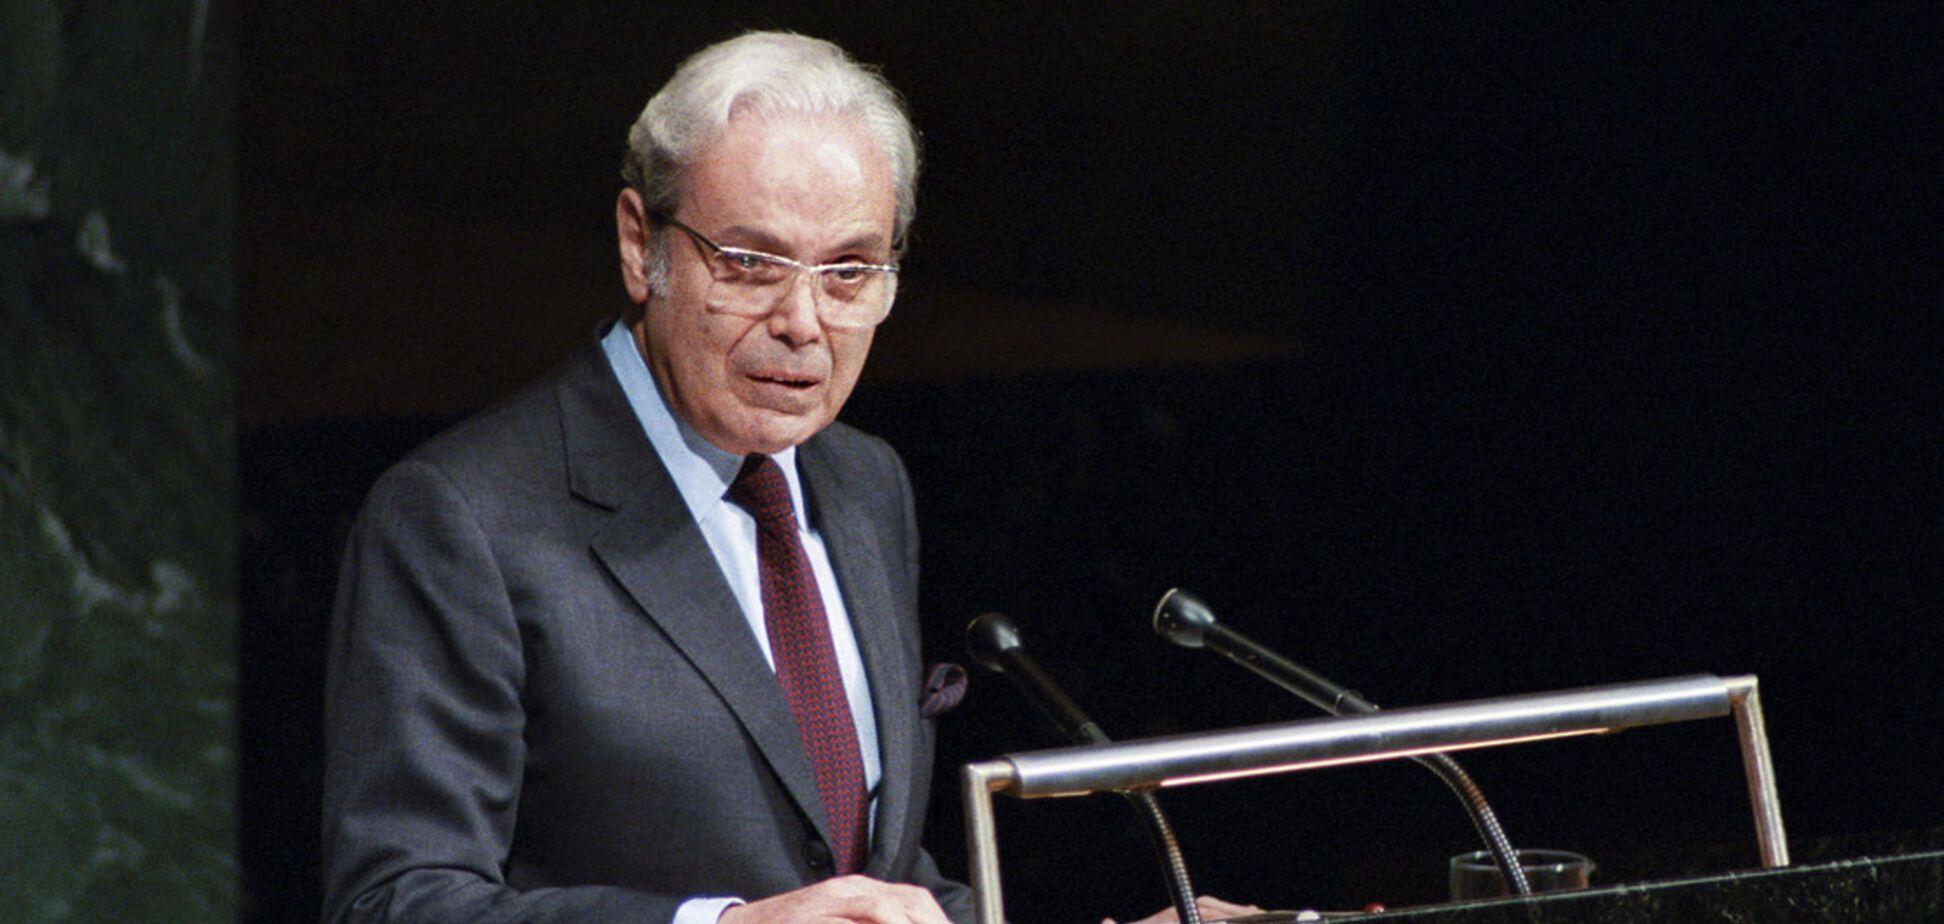 Умер бывший генсек ООН Хавьер Перес де Куэльяр